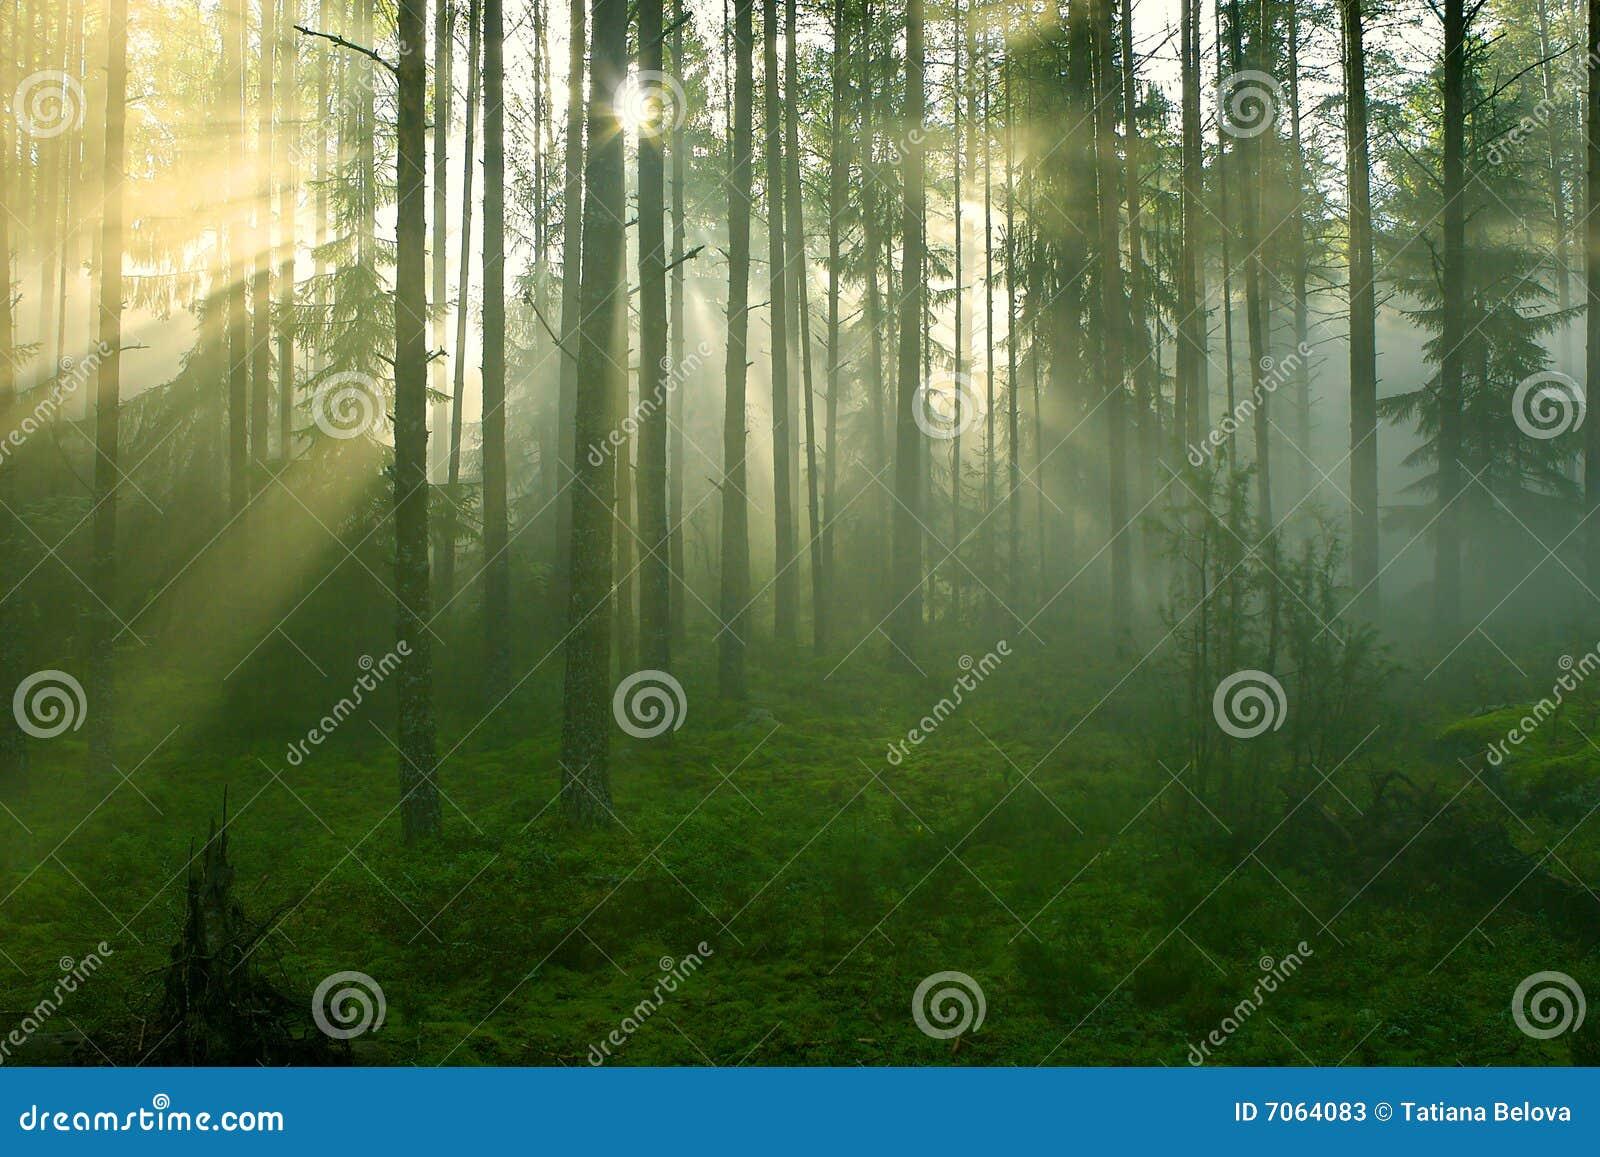 Rayons de Sun dans la forêt.